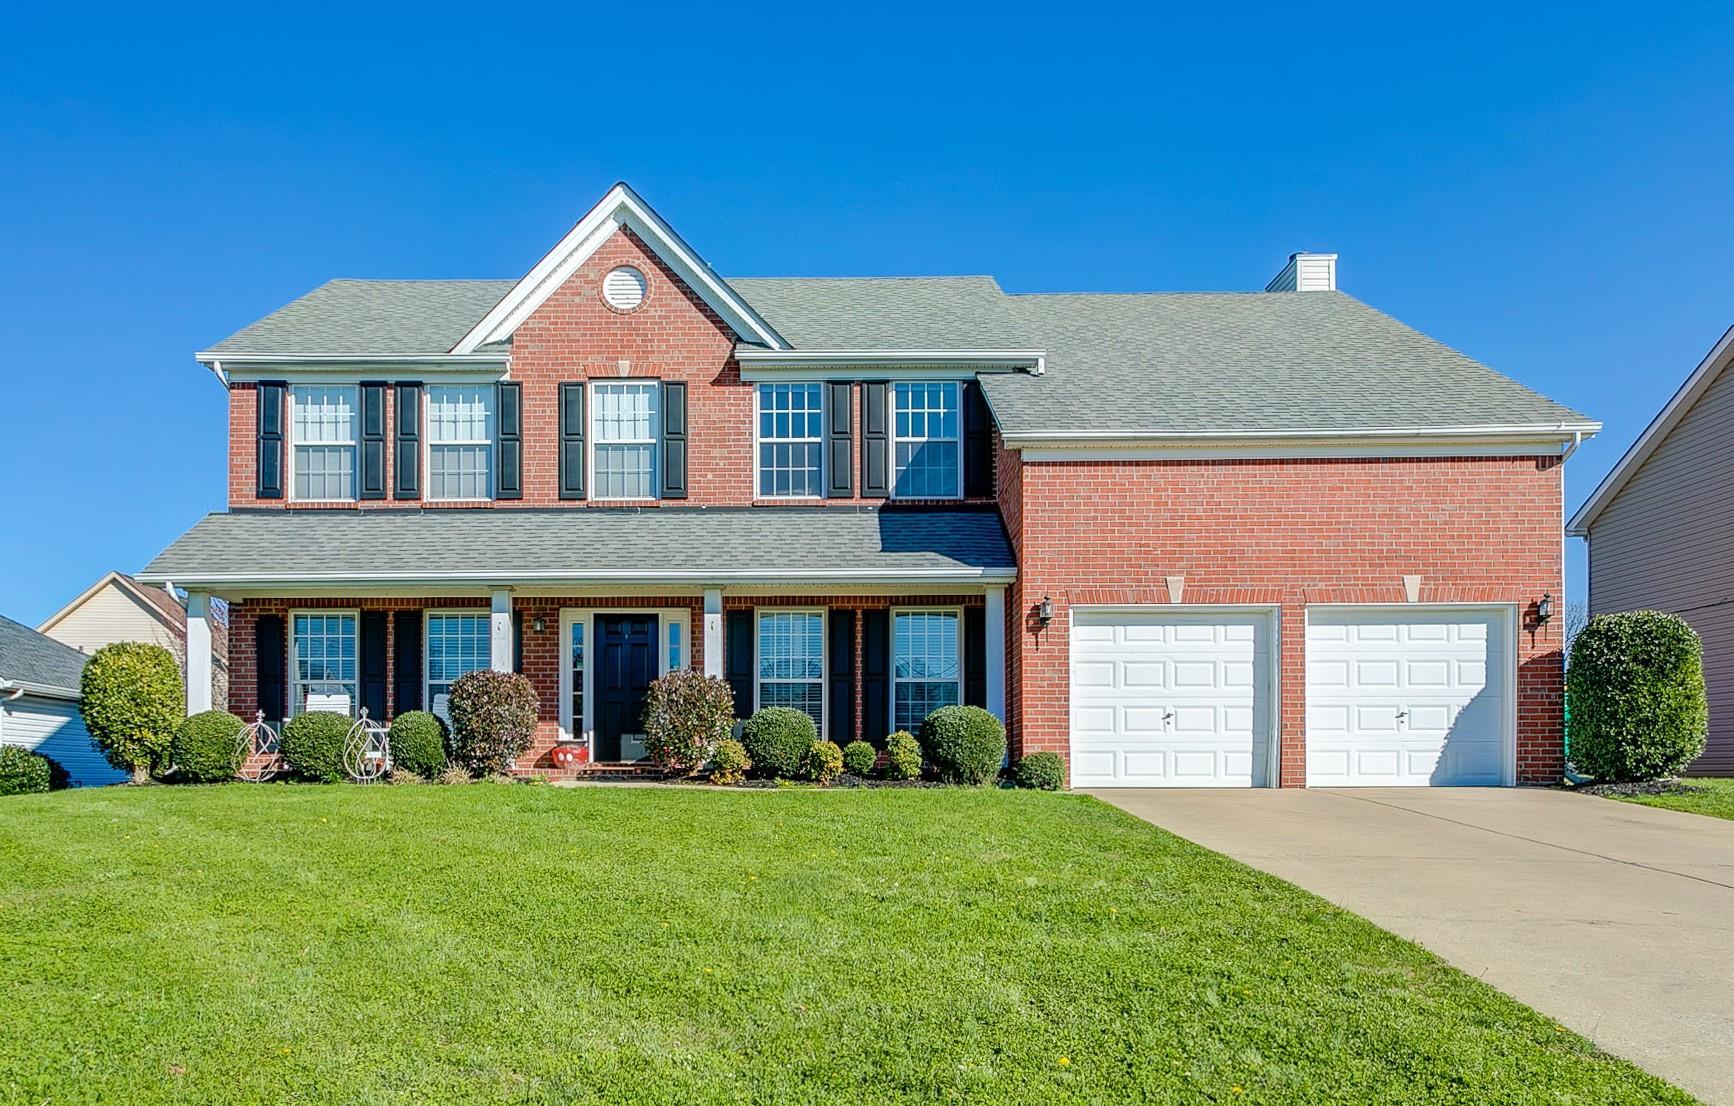 2950 Buckner Ln, Spring Hill, TN 37174